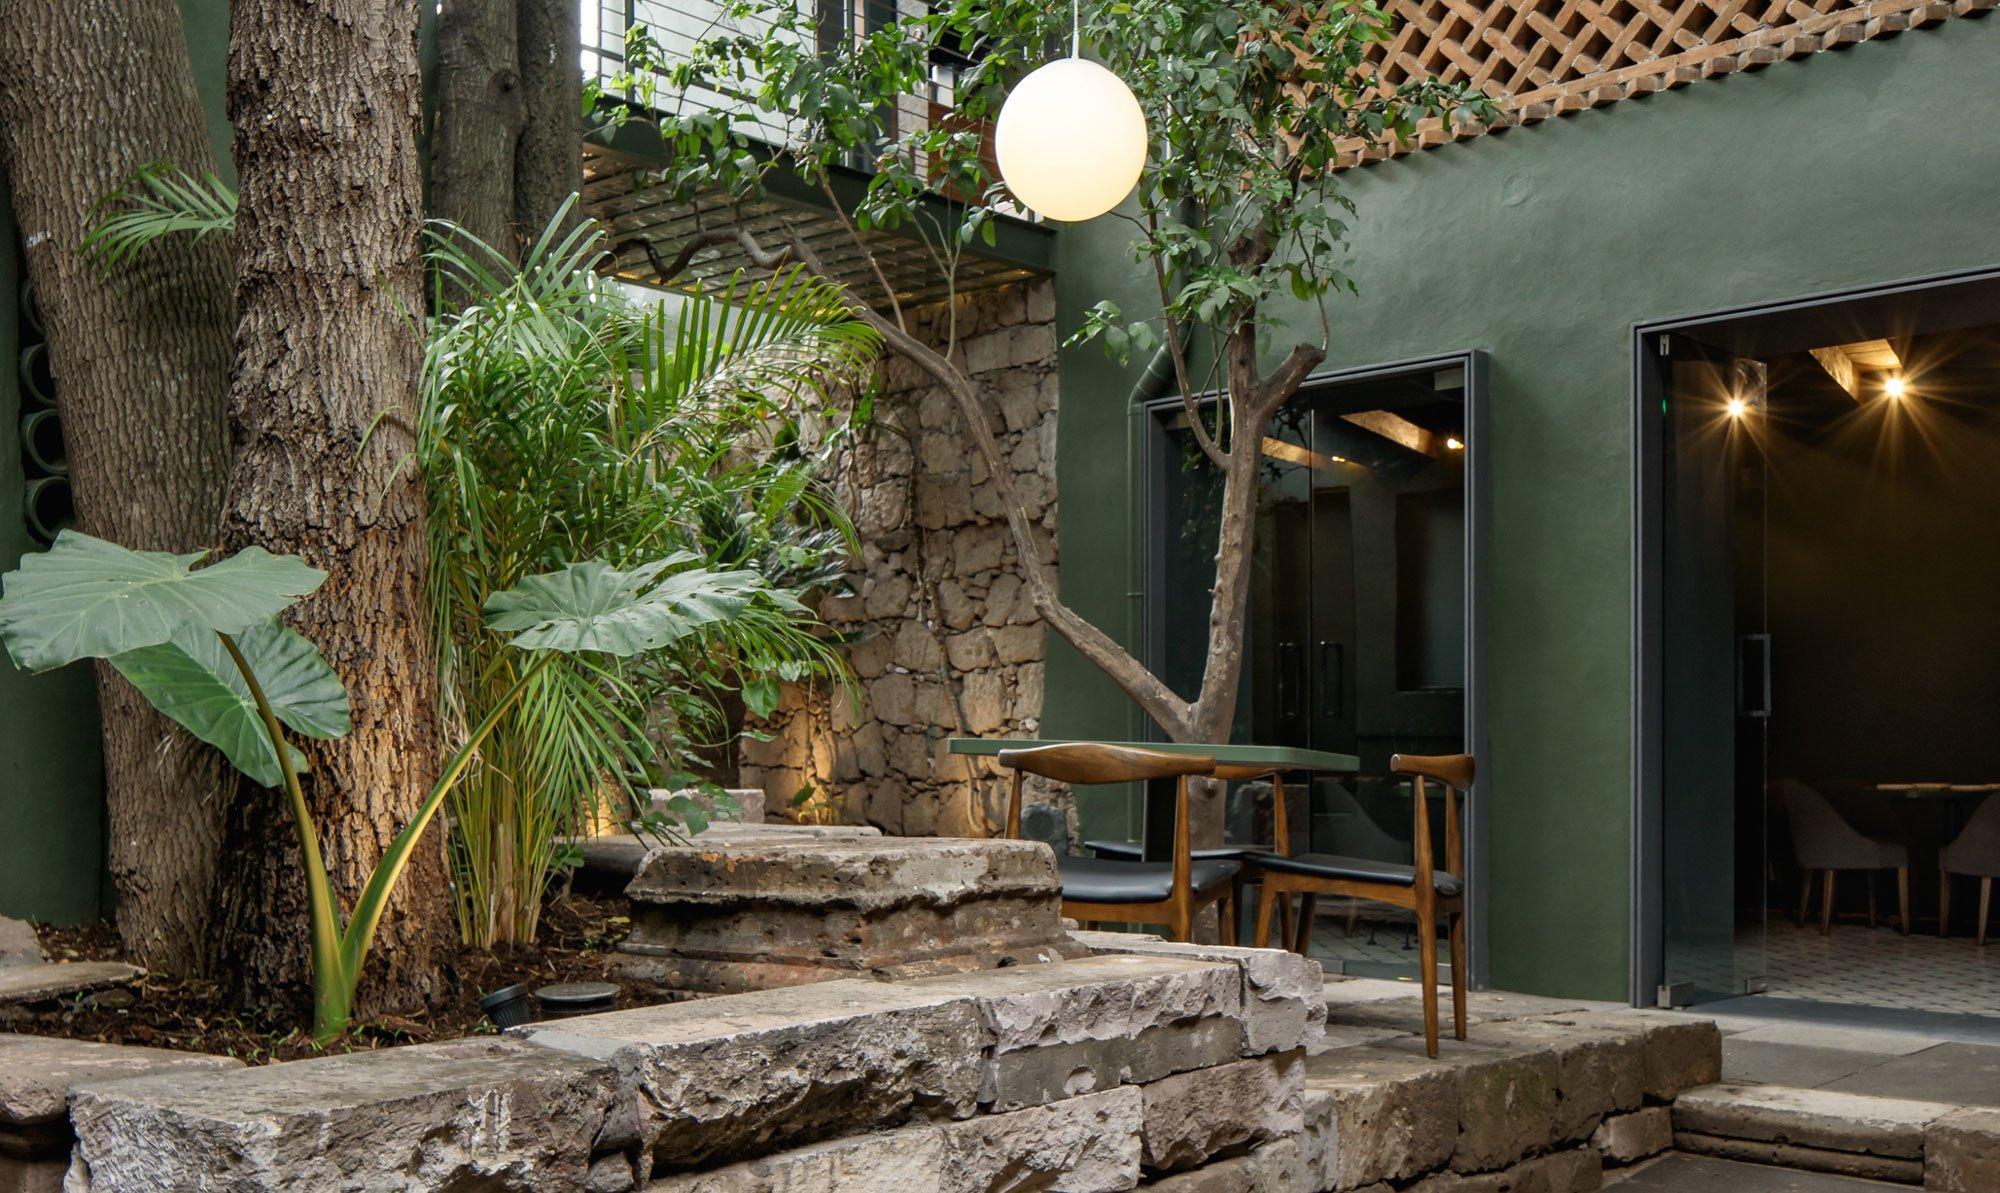 Traditionelle Farben, lokale Handwerkskunst und der Geist des Ortes inspirierten Architektin Daniela Bucio Sistos zum sinnlichen Restaurant Santomate im mexikanischen Morelia.